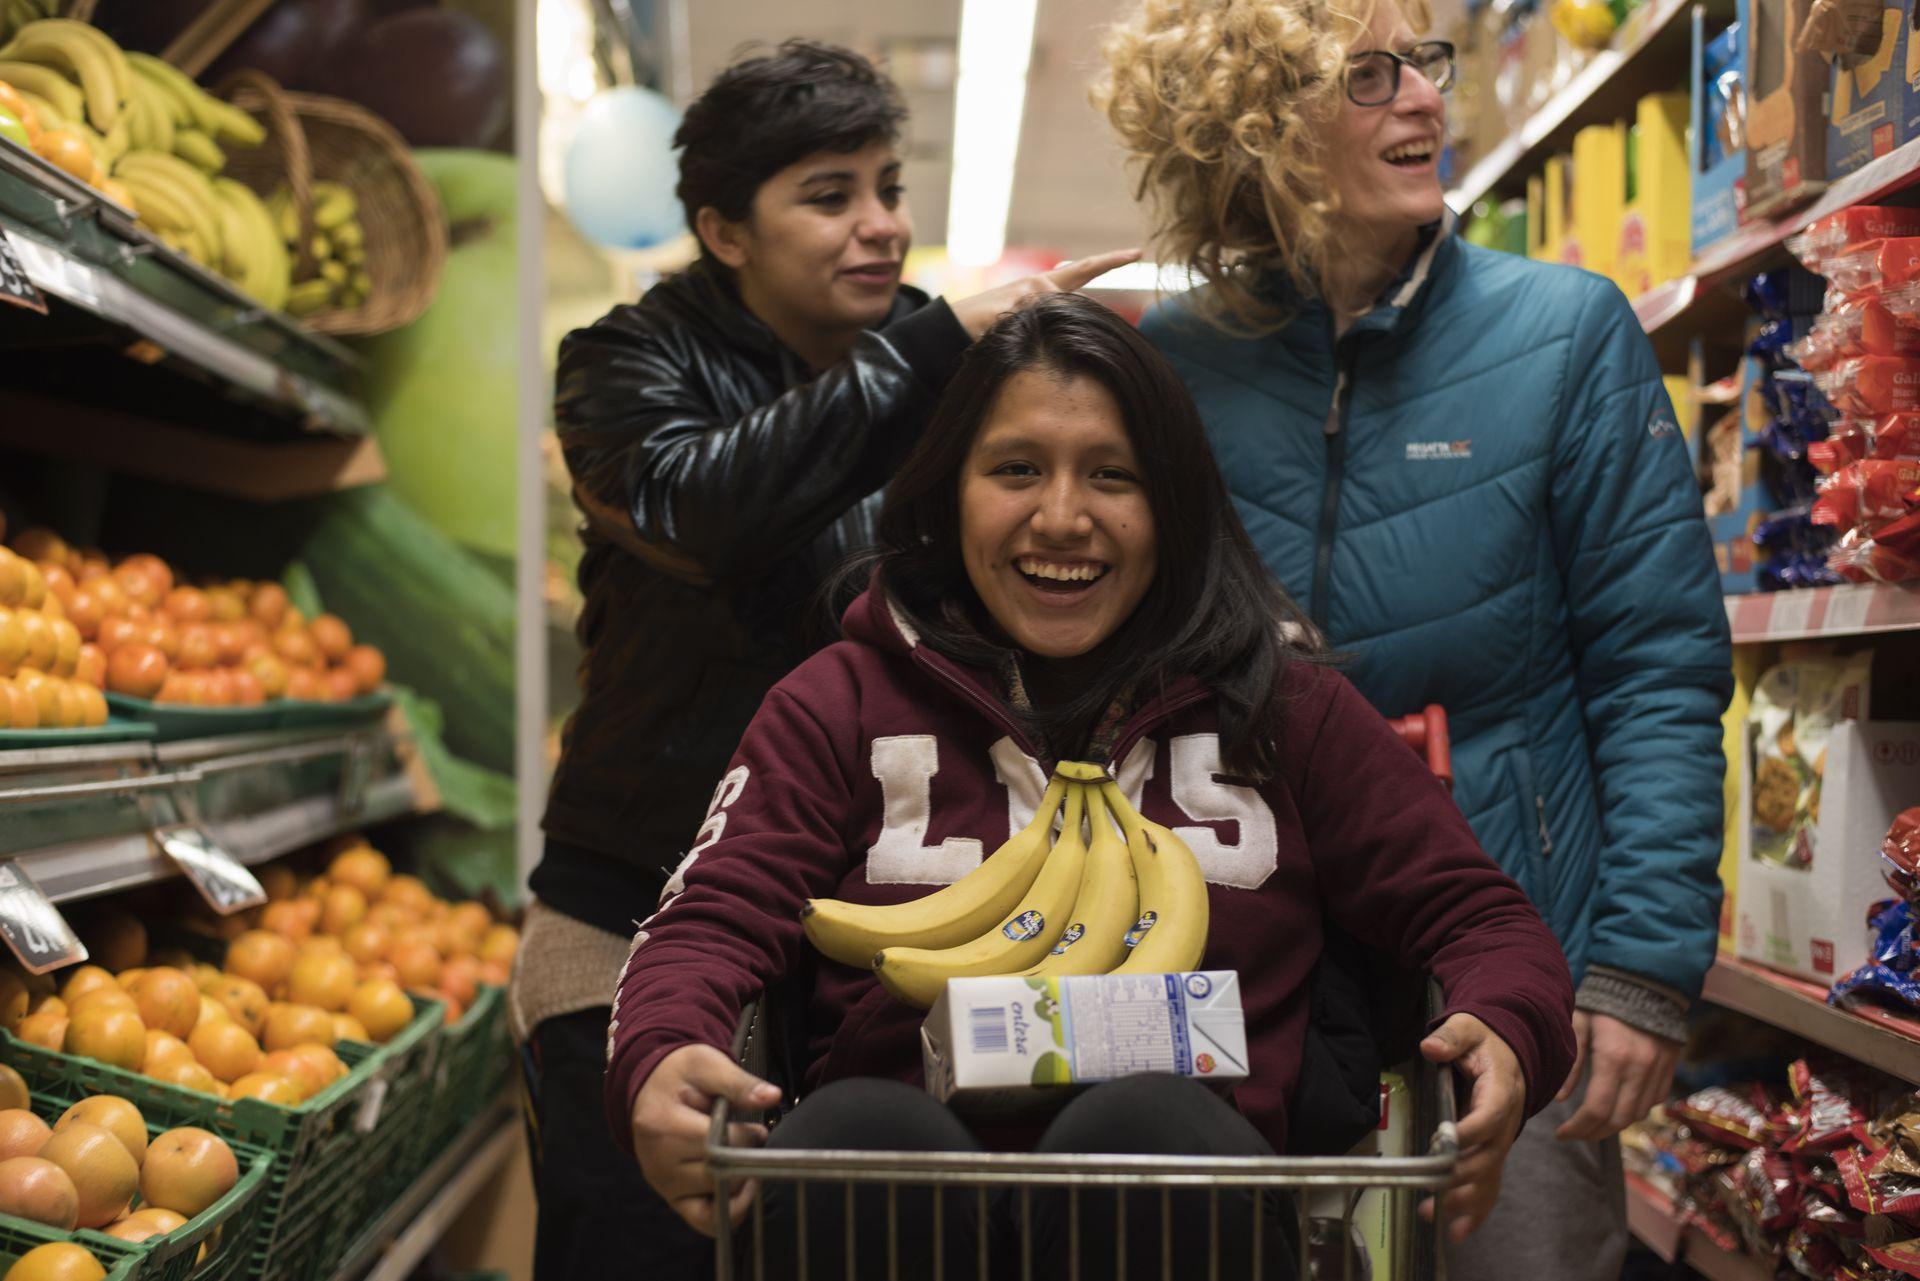 En Doncel y junto a la Guía Egreso, Jasmín fue incorporando herramientas para una vida independiente. En la foto, junto a dos amigas en el supermercado.